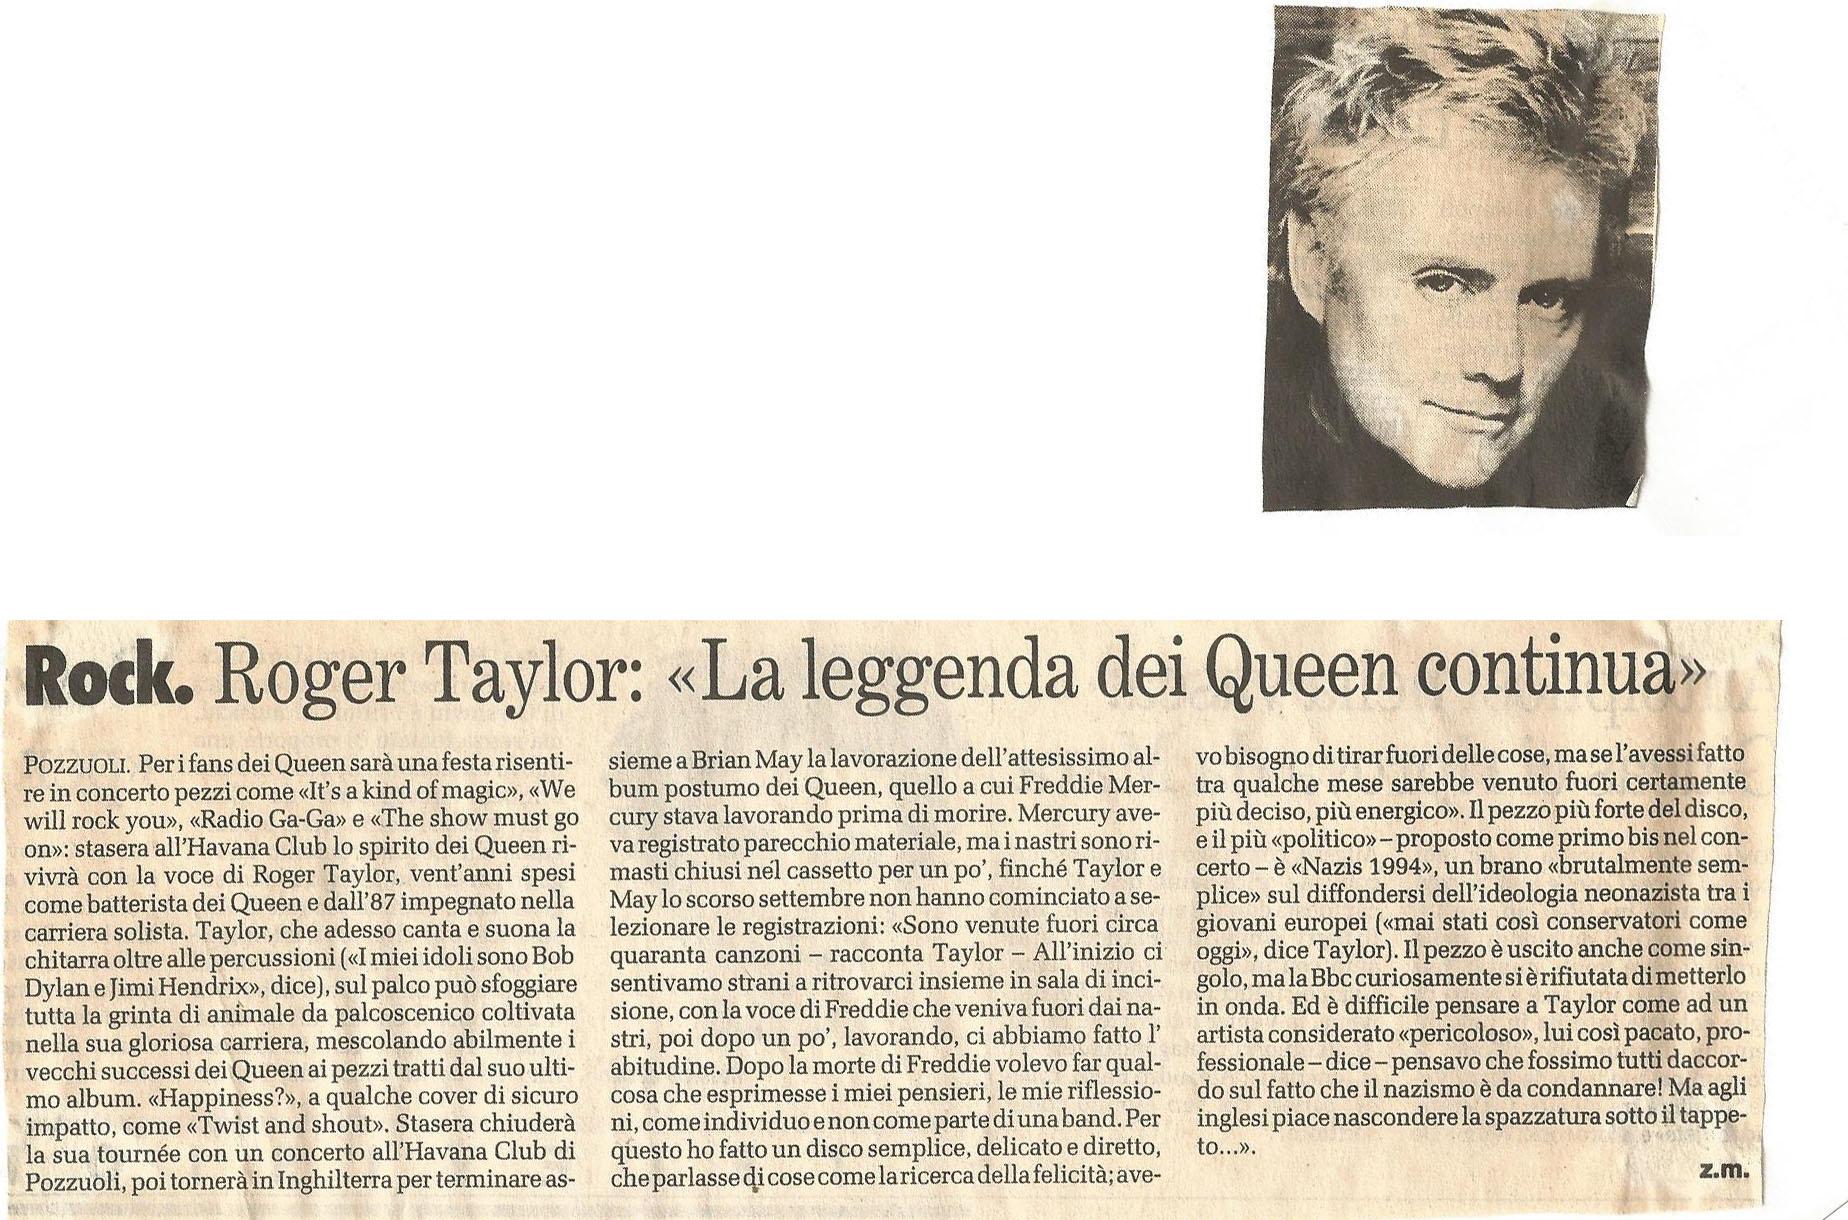 (L)Roger-Pozzuoli '95